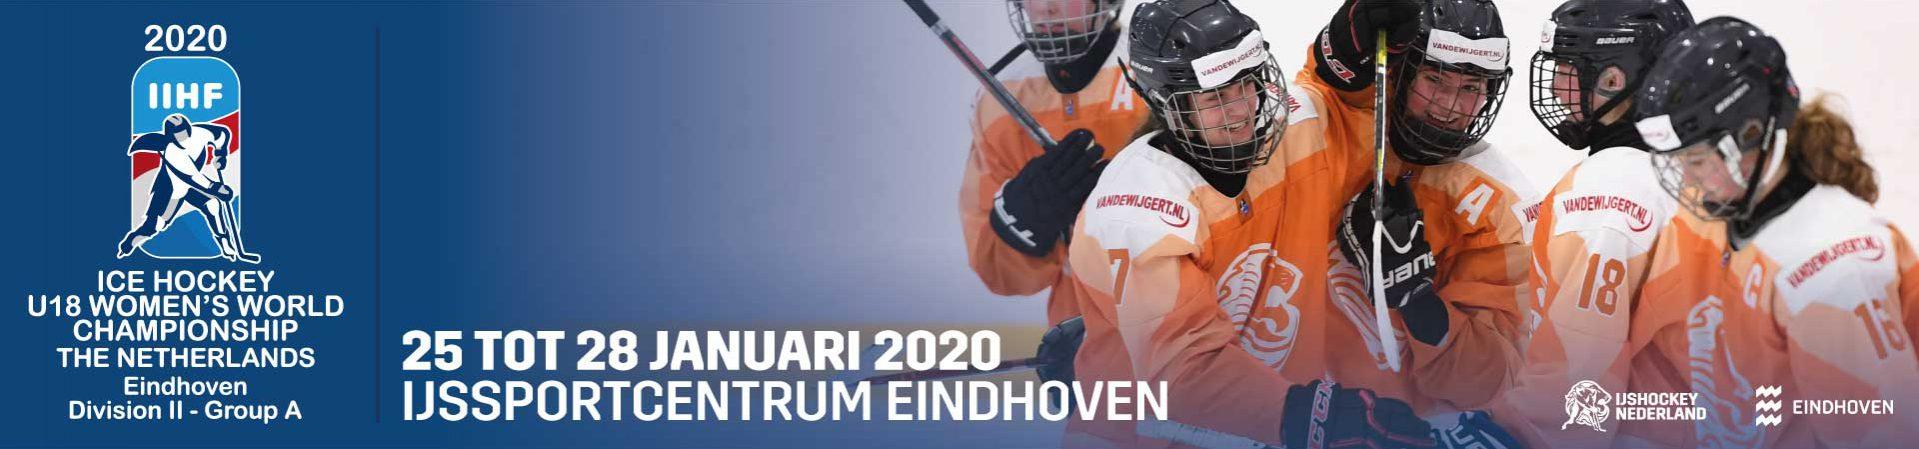 WK Ijshockey Dames U18